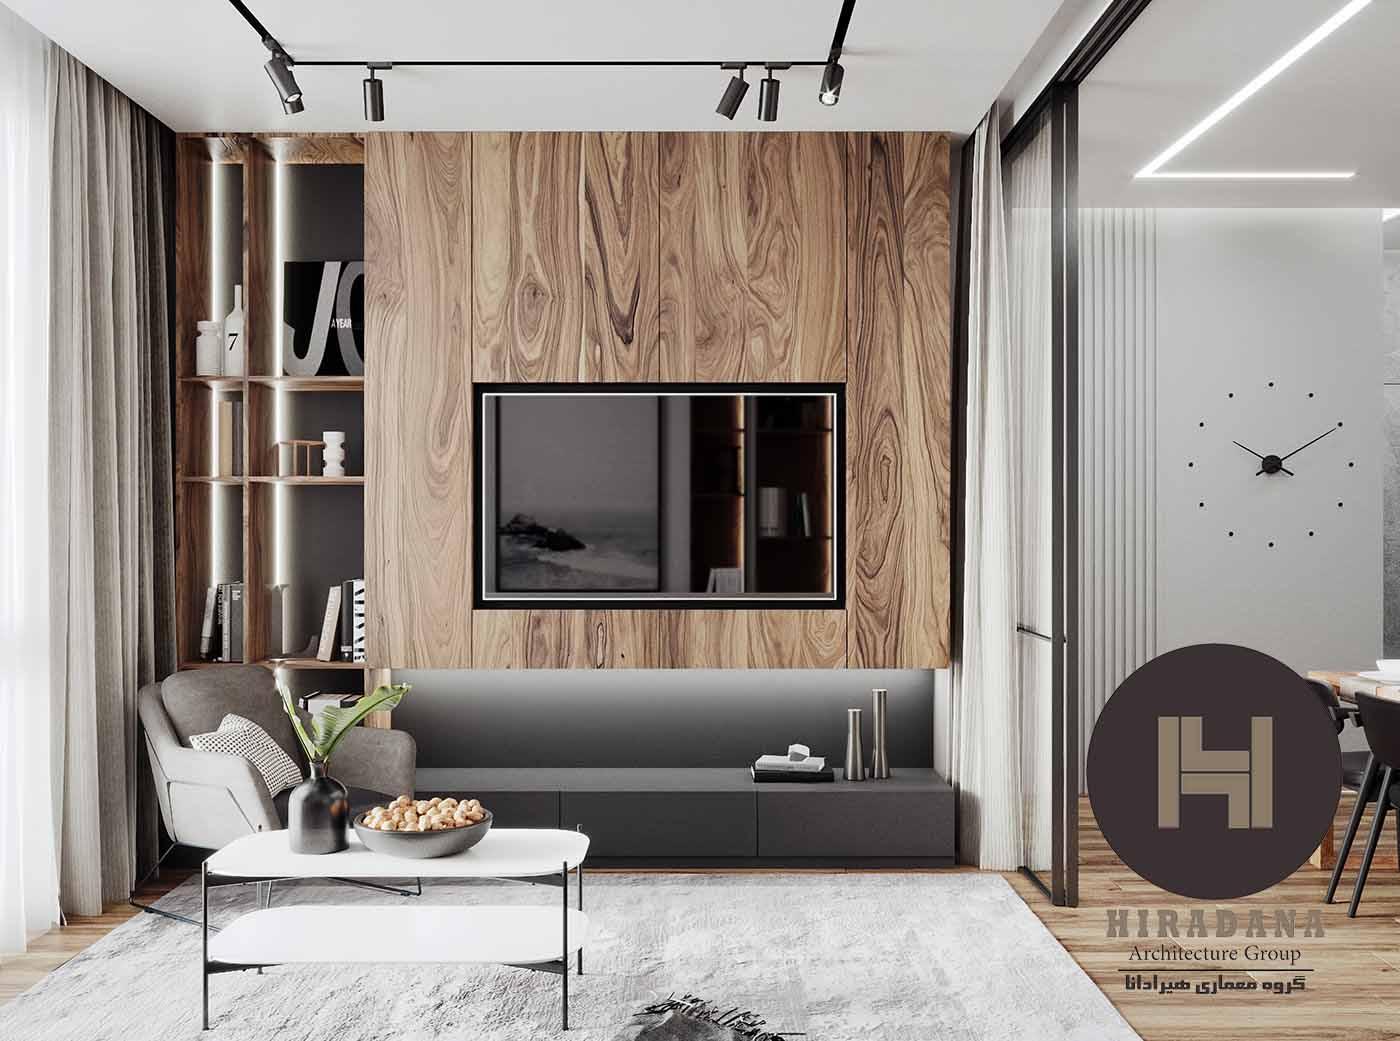 بازسازی منزل و استفاده از پارتیشن های خانگی